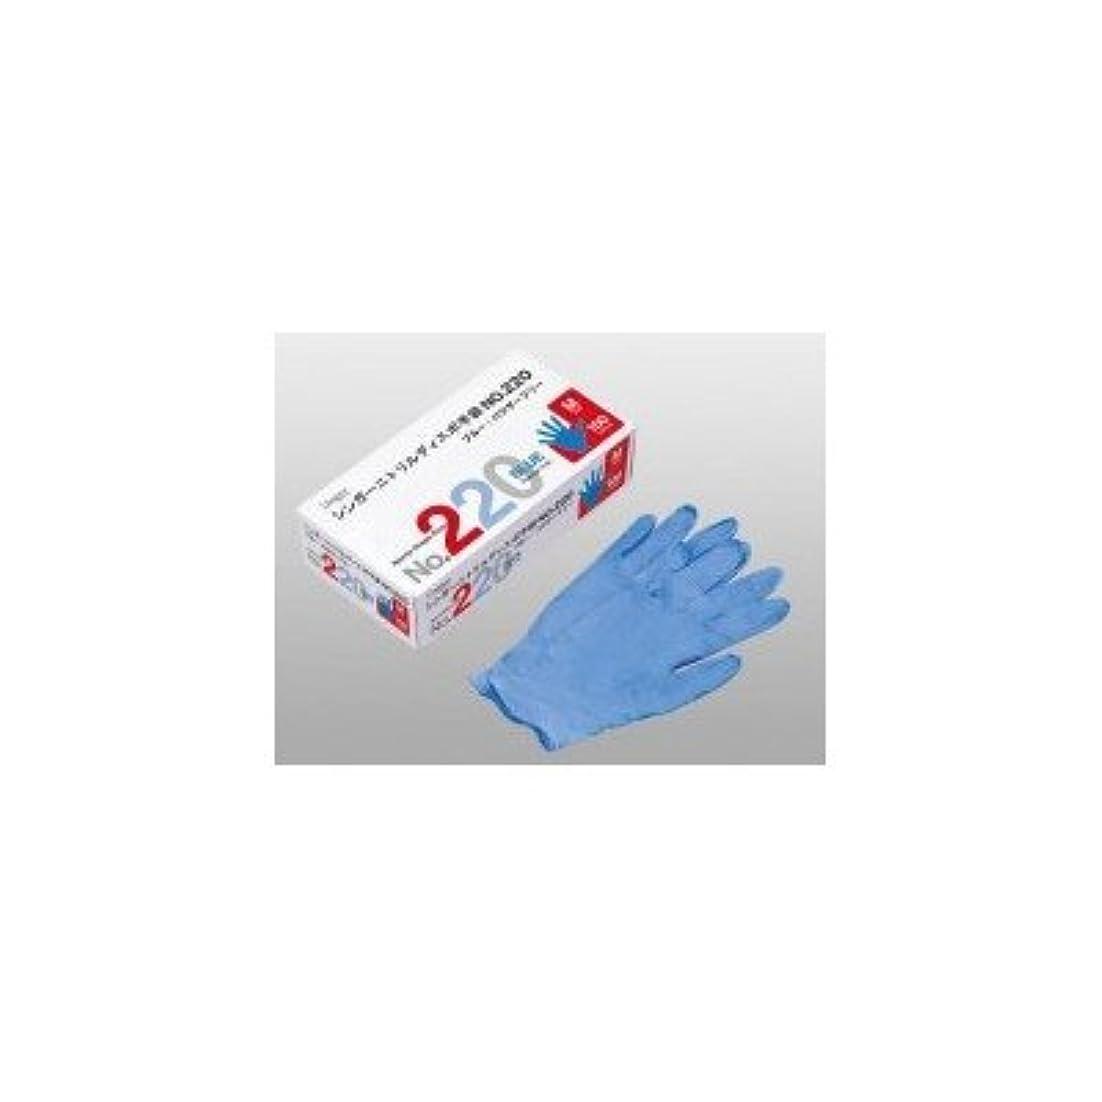 療法うねる引き出しシンガーニトリルディスポ手袋 No.220 ブルー パウダーフリー(100枚) M( 画像はイメージ画像です お届けの商品はMのみとなります)